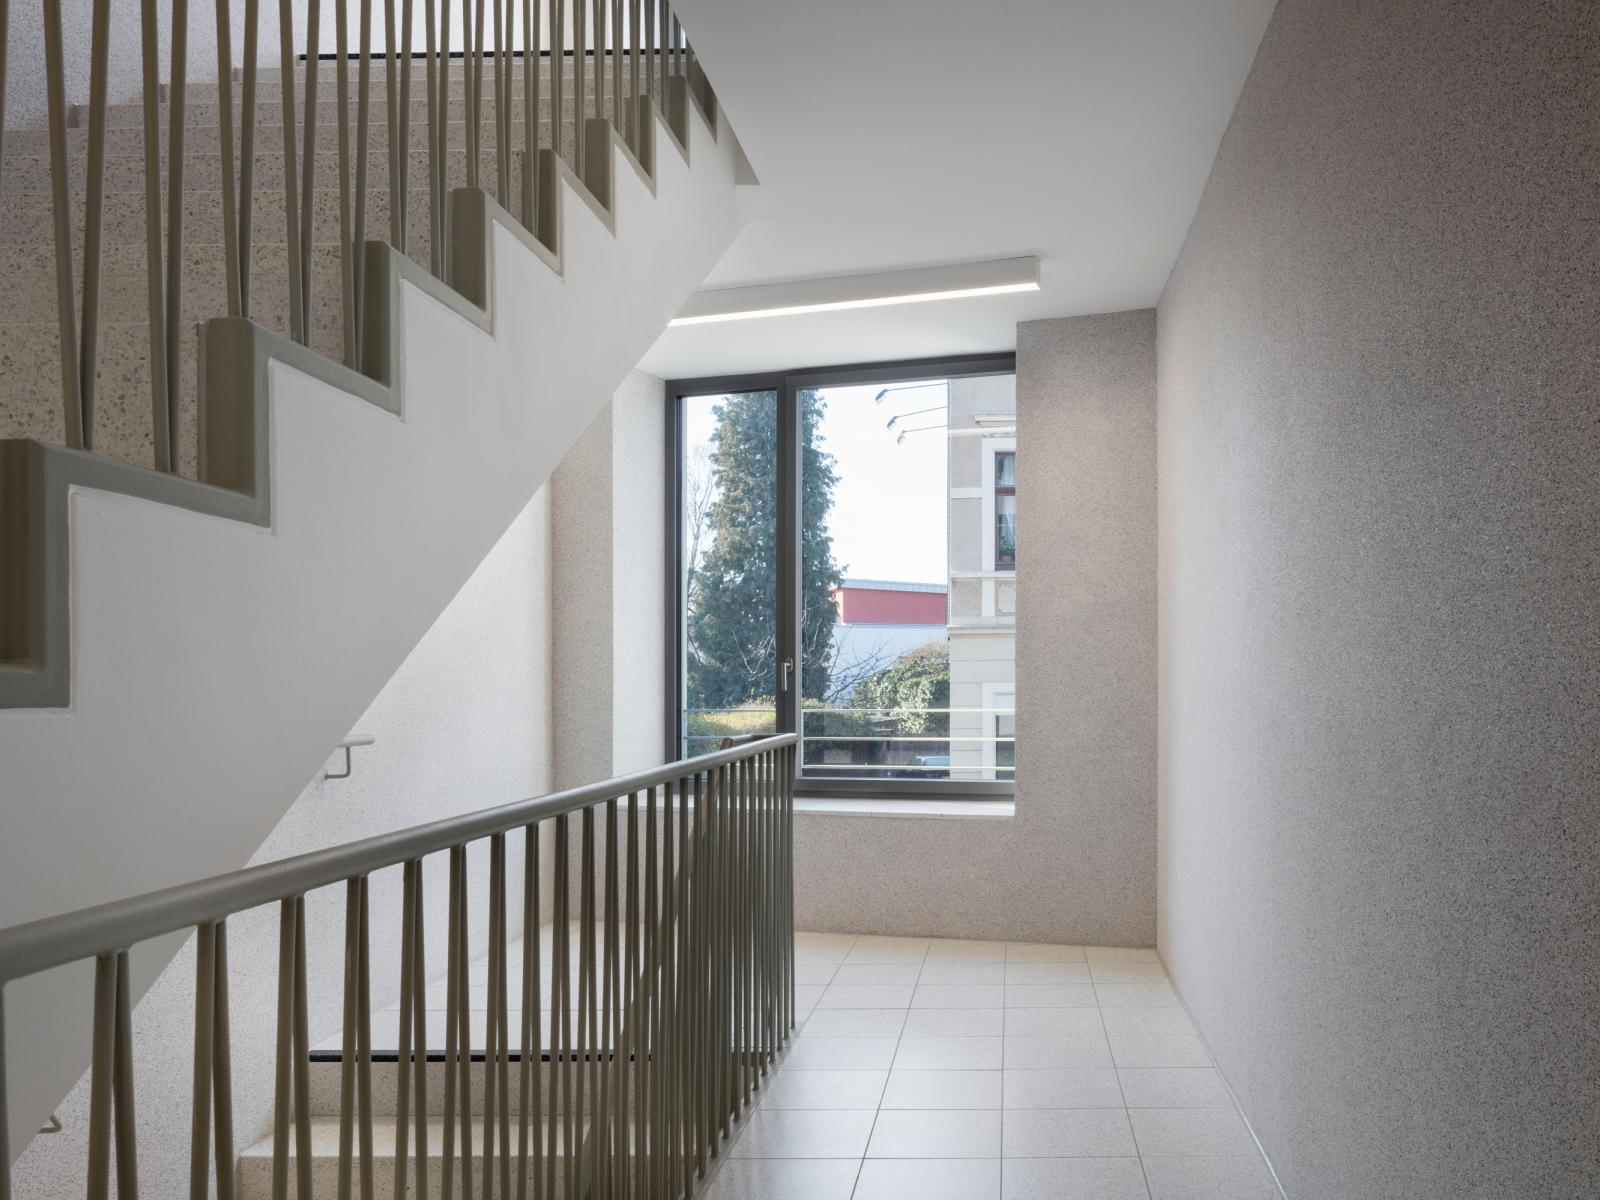 Rollstuhlgerechtes Wohnen Feuerwehrhaus Treppe